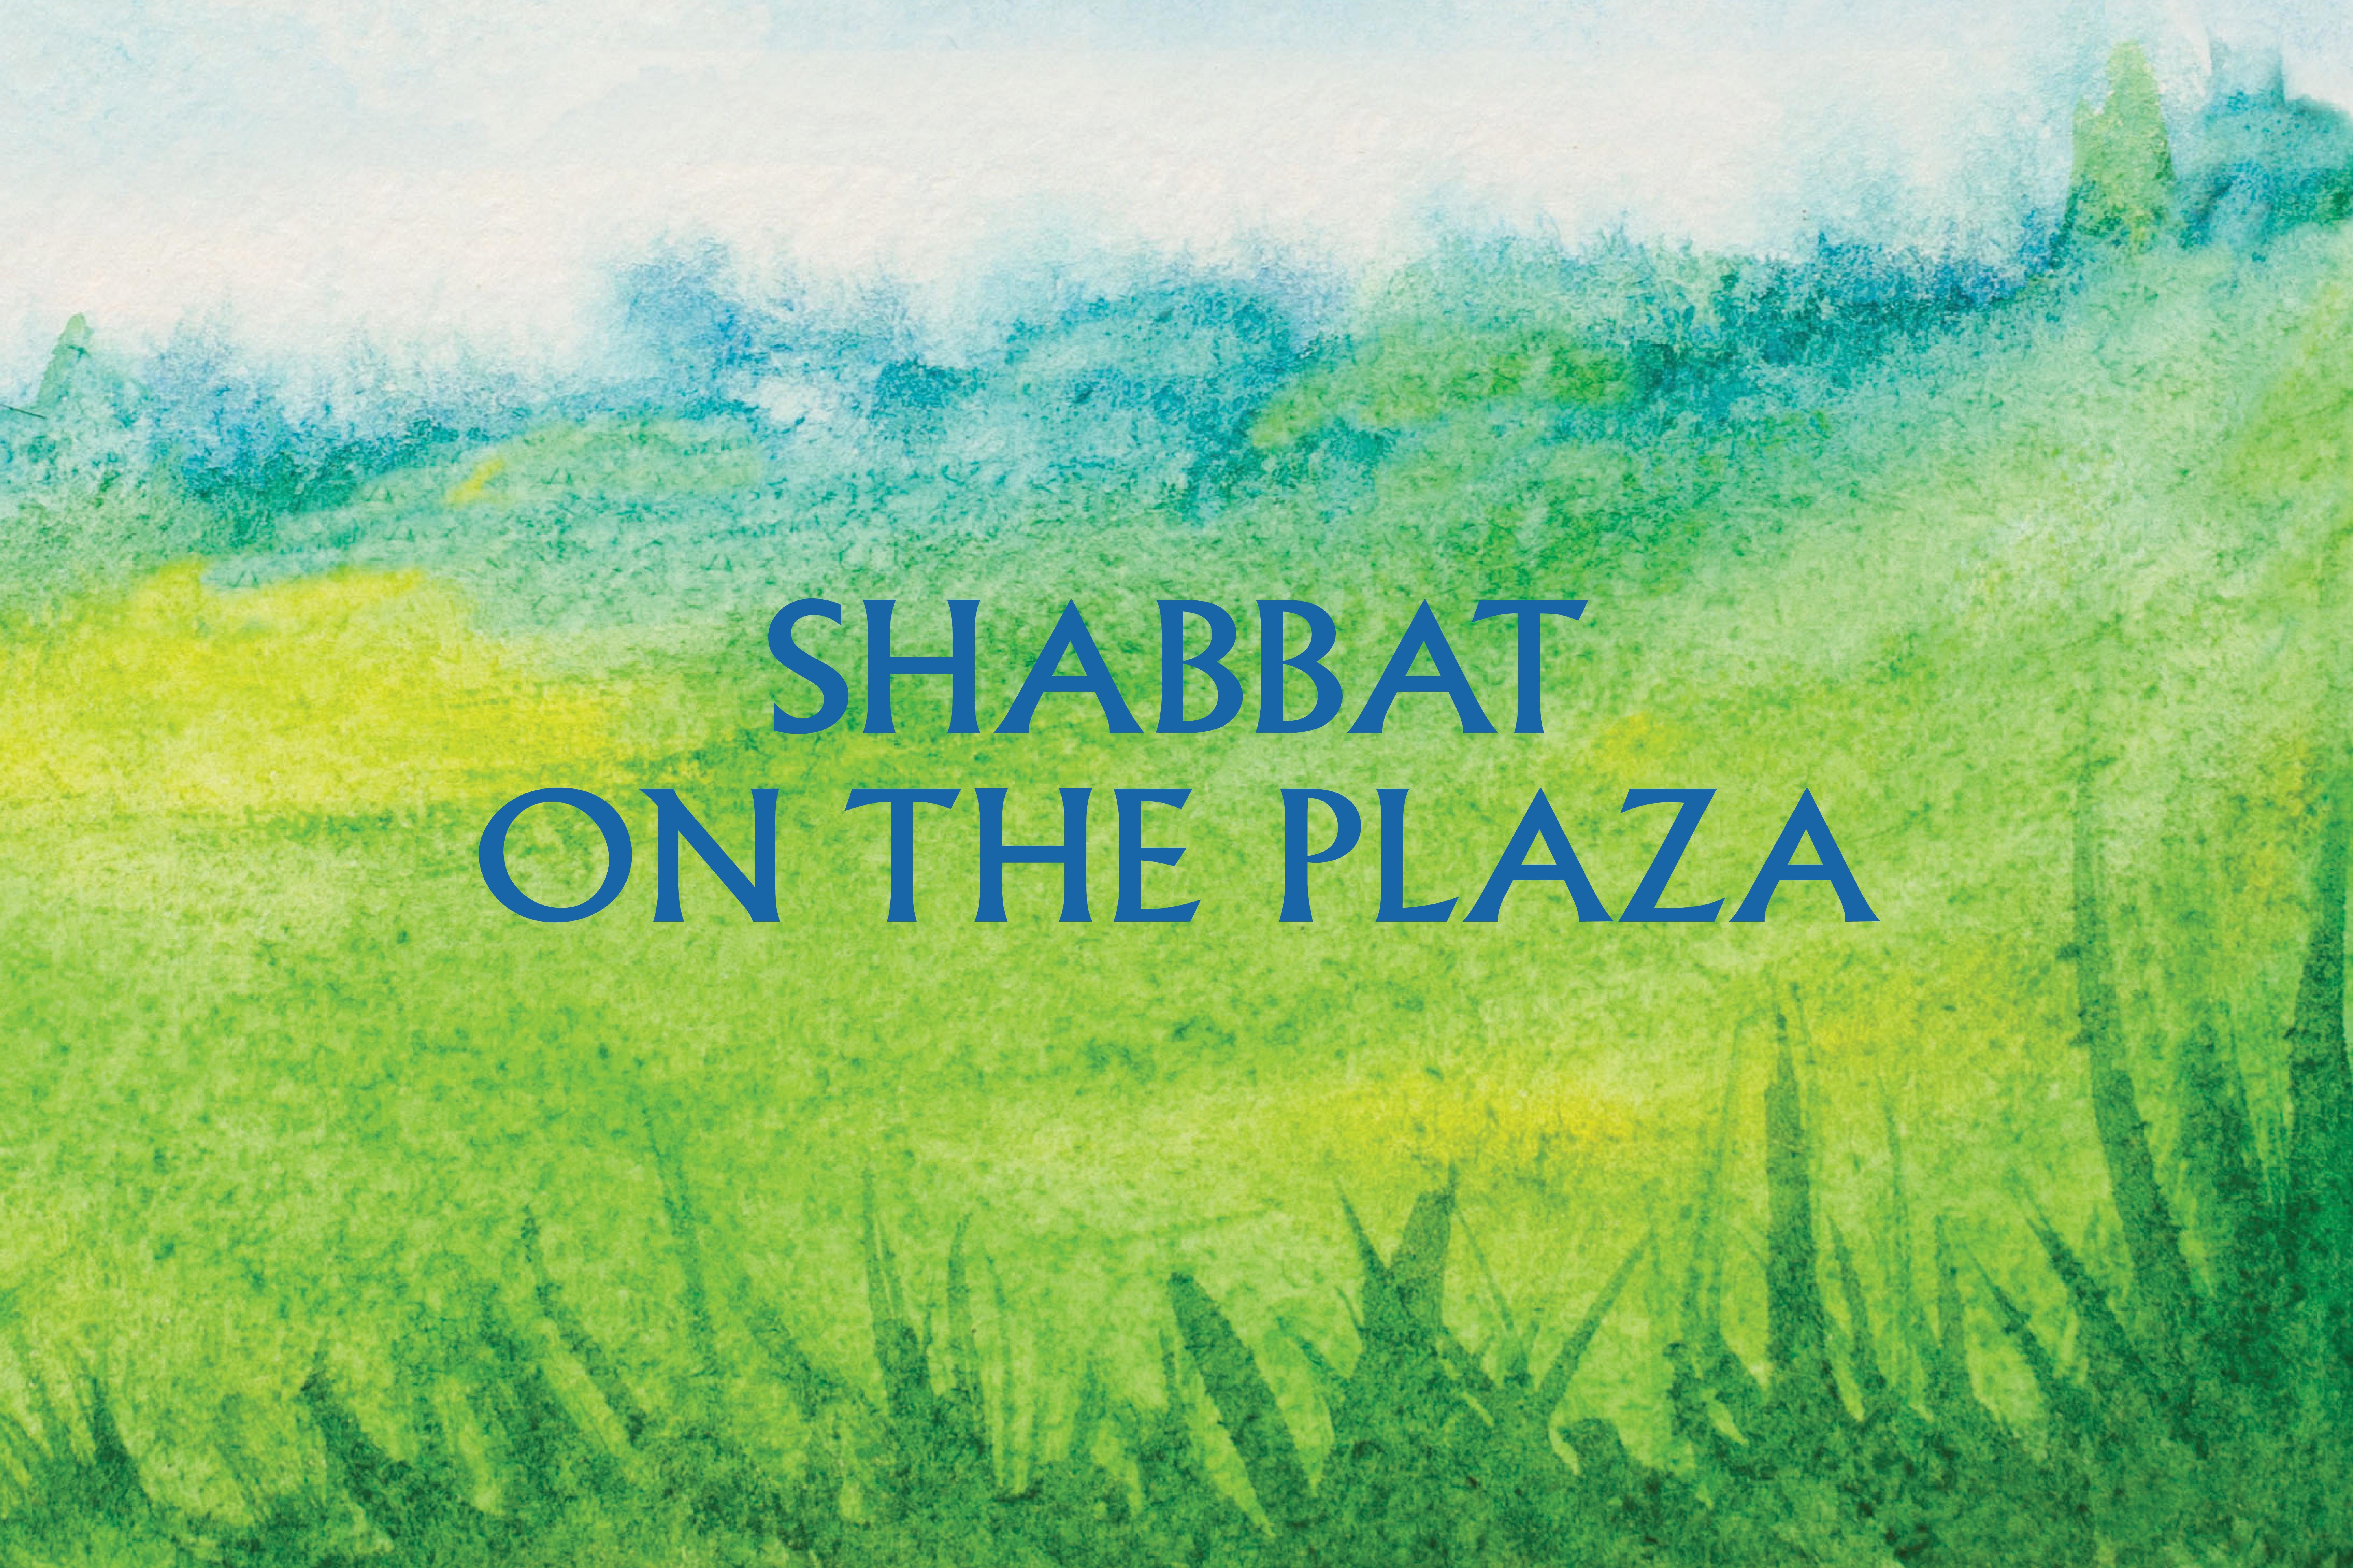 Shabbat on the Plaza Returns!